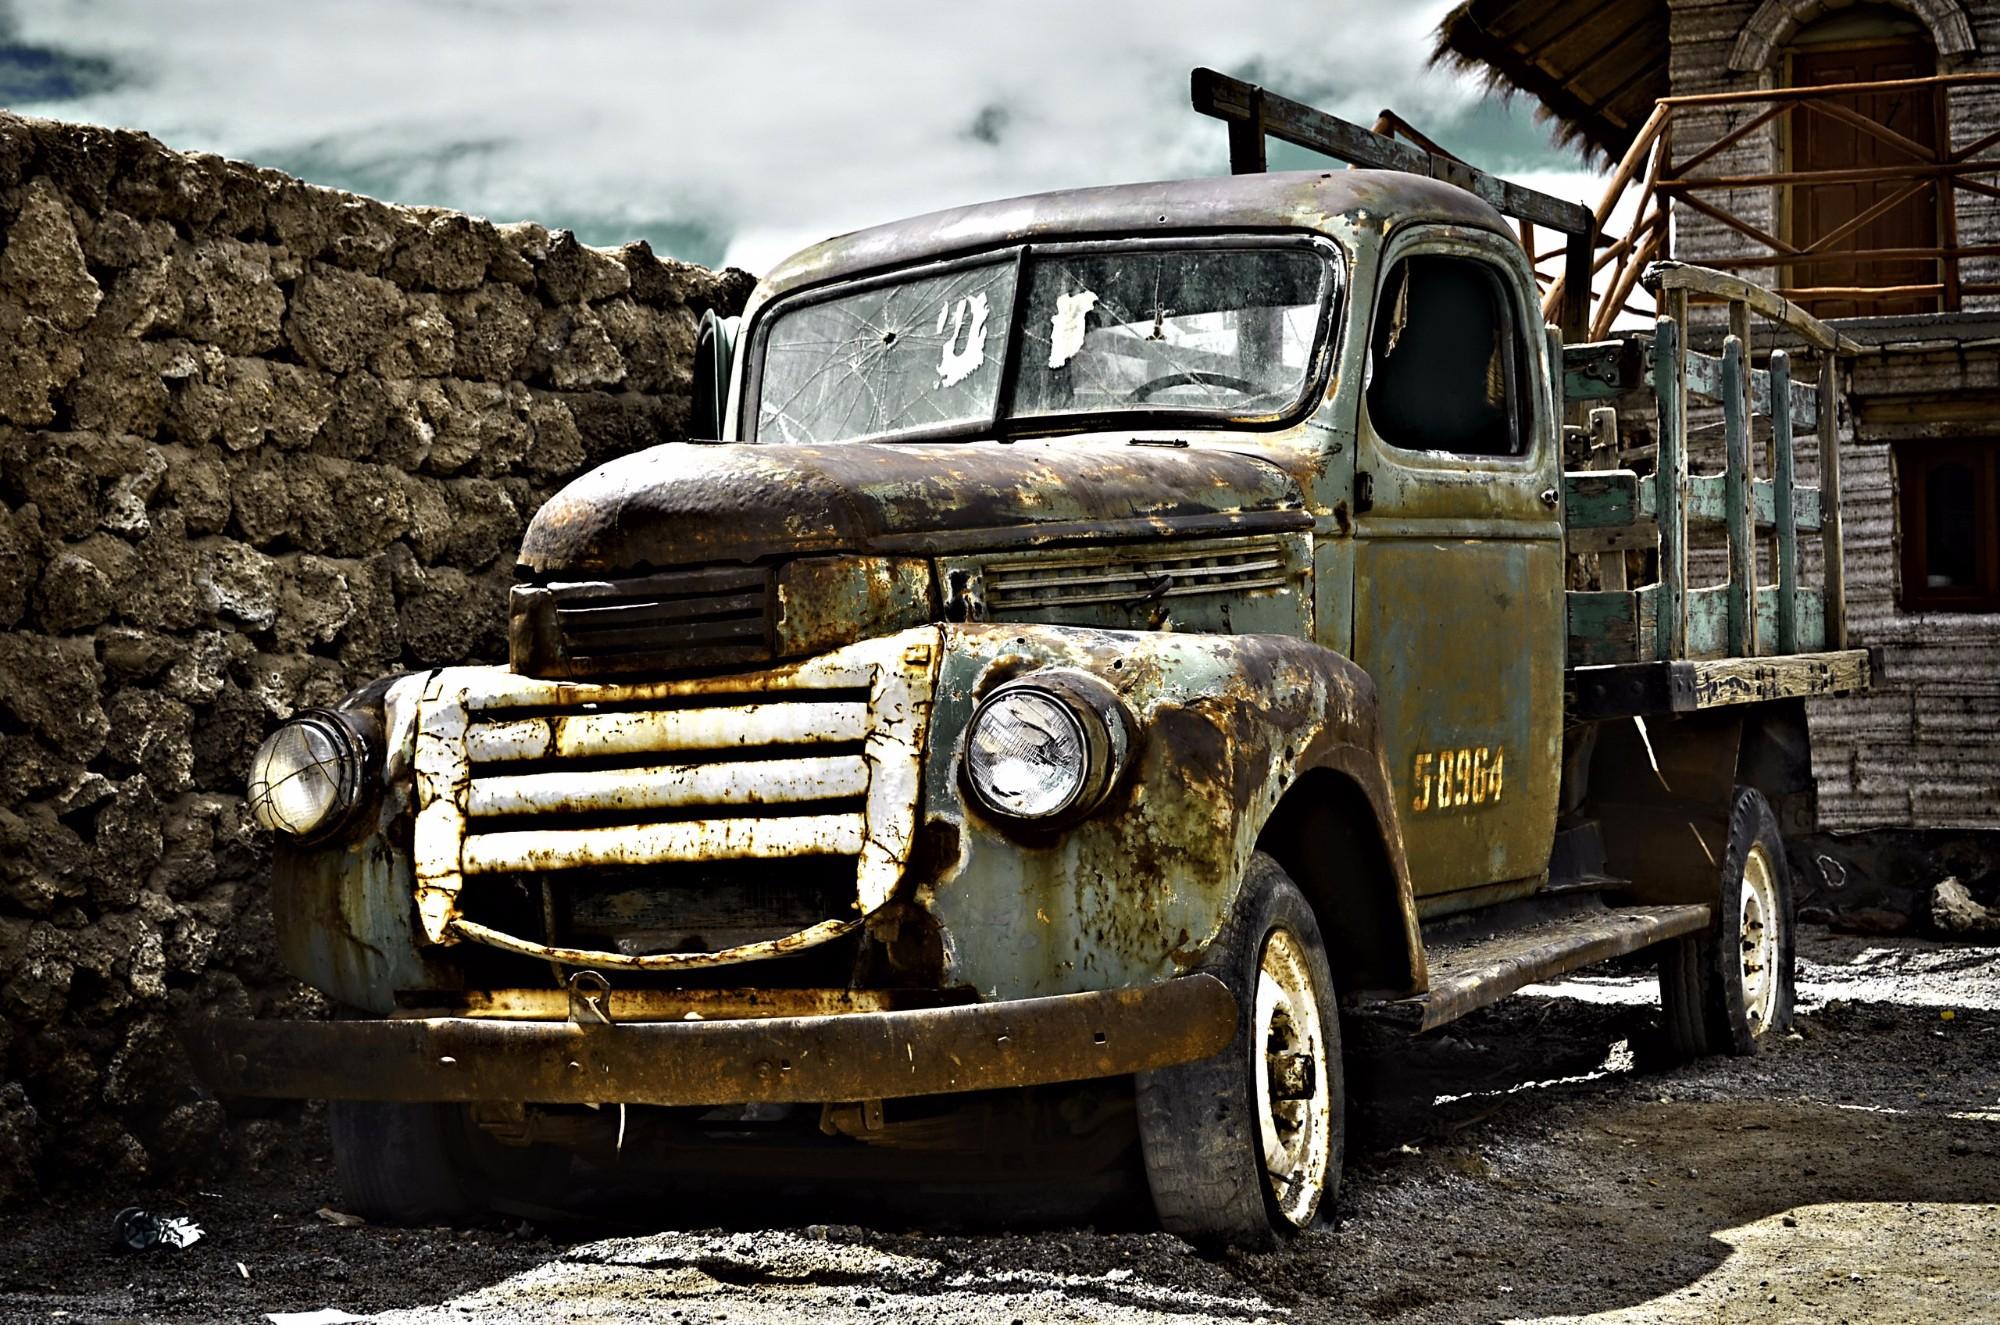 Старичок с пробитым лобовым стеклом в Боливии.